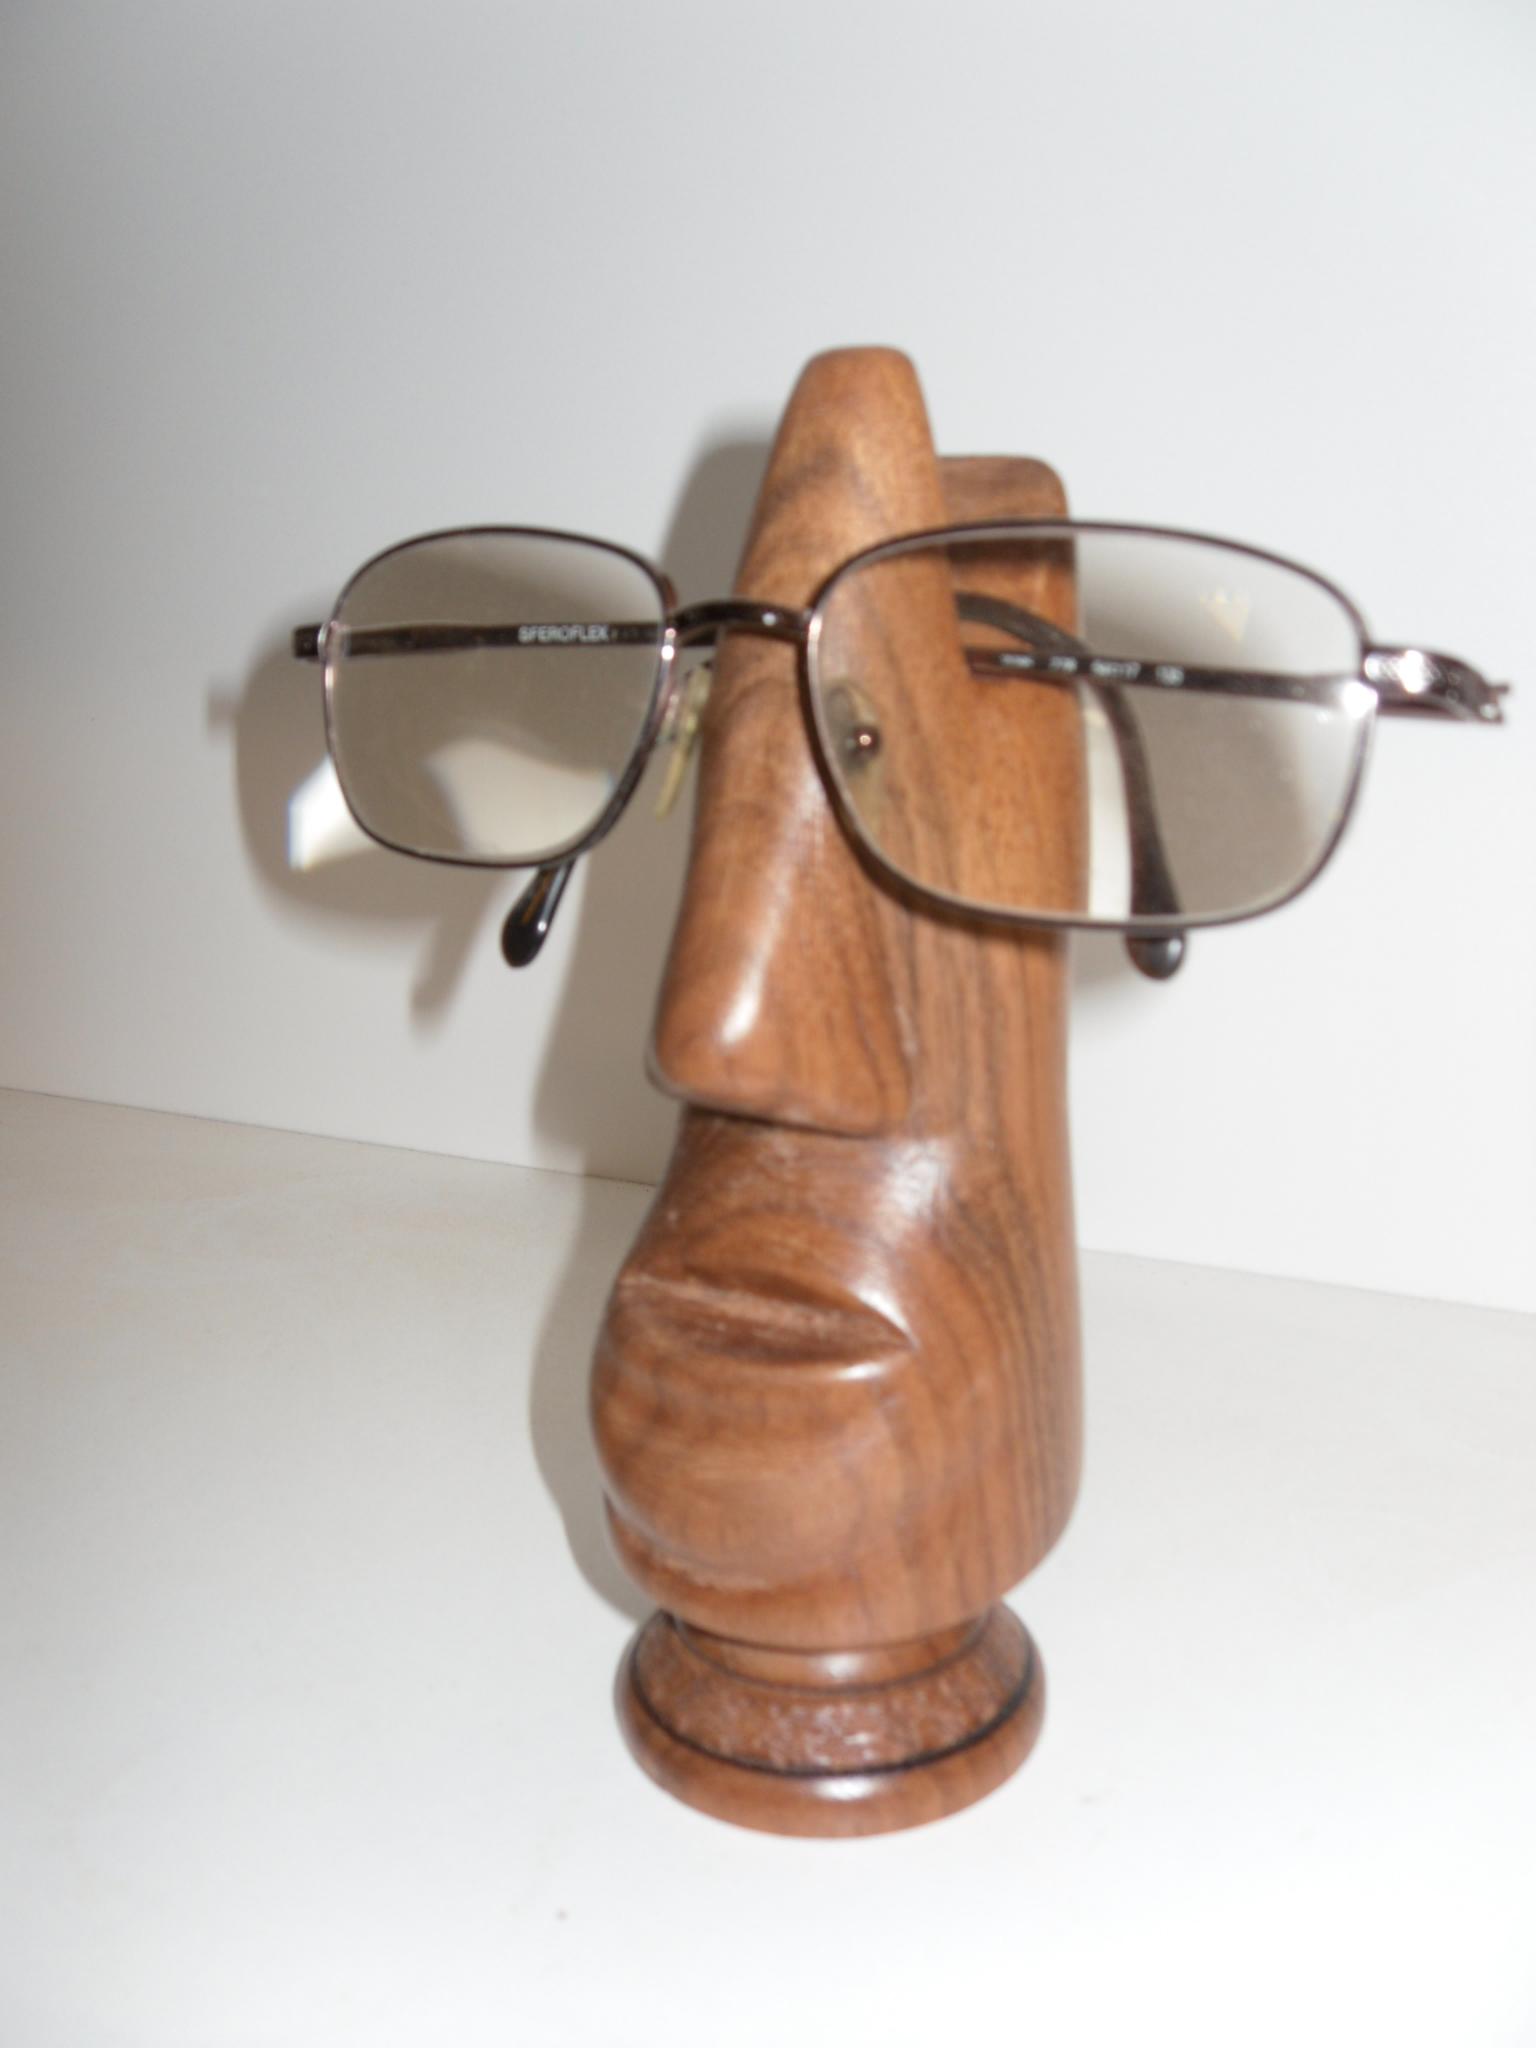 Les sculptures porte-lunettes de Bernard Bucher